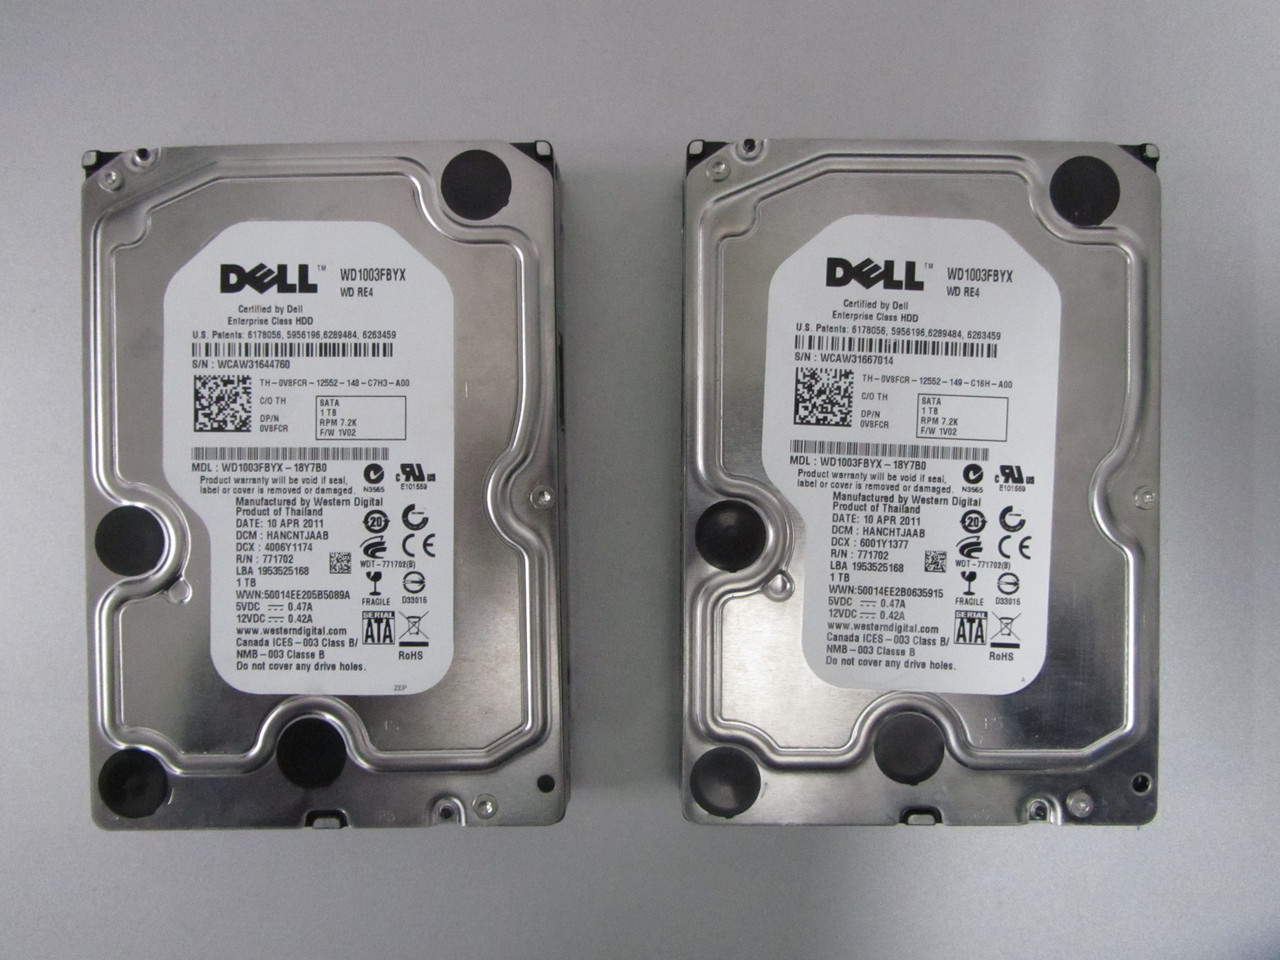 Жесткий диск для компьютера SATA WD 1Tb Black (серверный винчестер с DELL) на запчасти